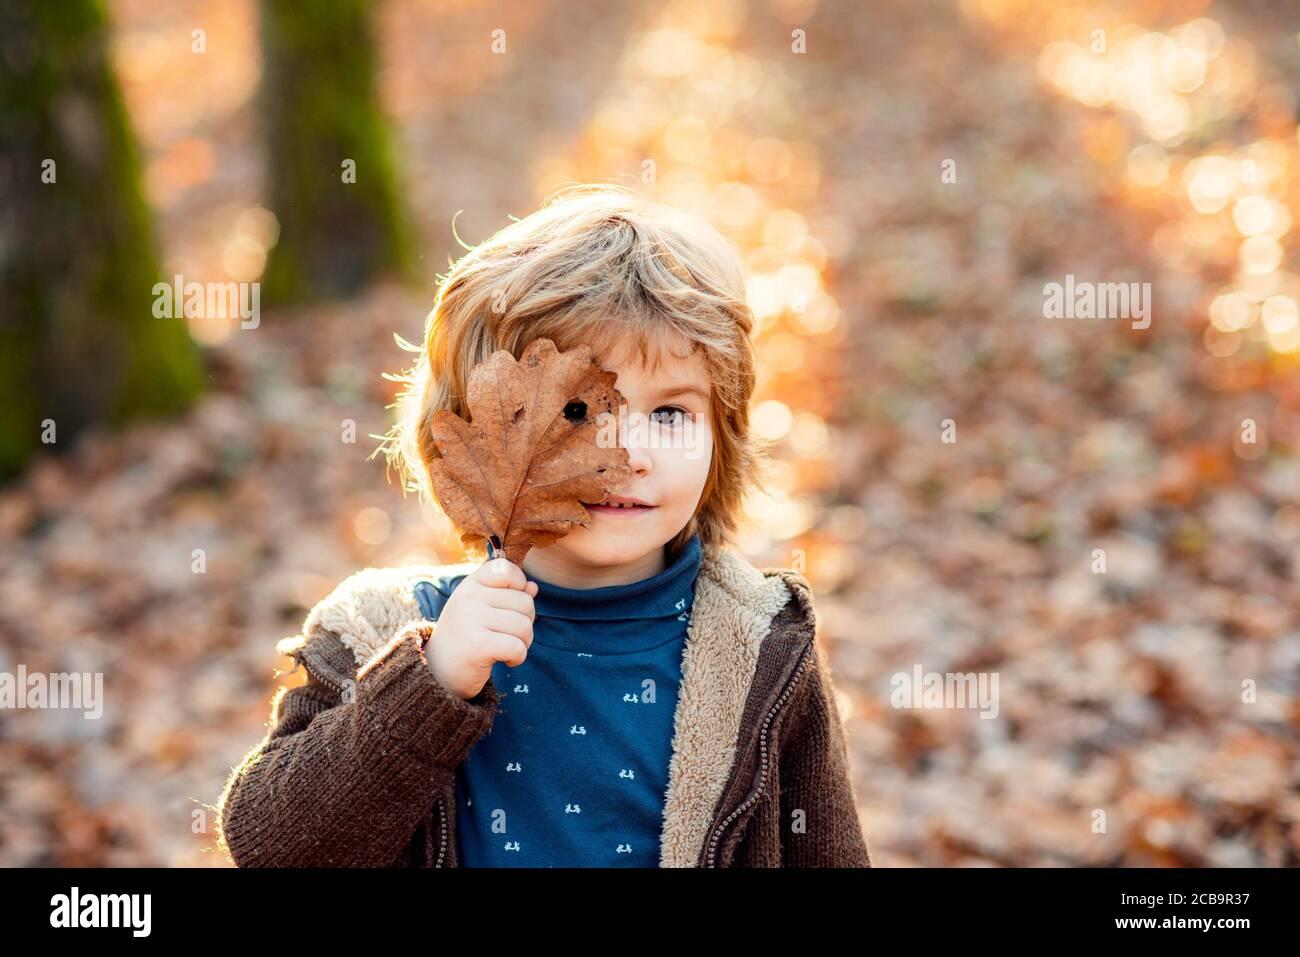 L'enfant garçon couvre ses yeux avec une feuille d'érable jaune. Petit garçon jouant avec des feuilles d'automne dans le parc. Banque D'Images